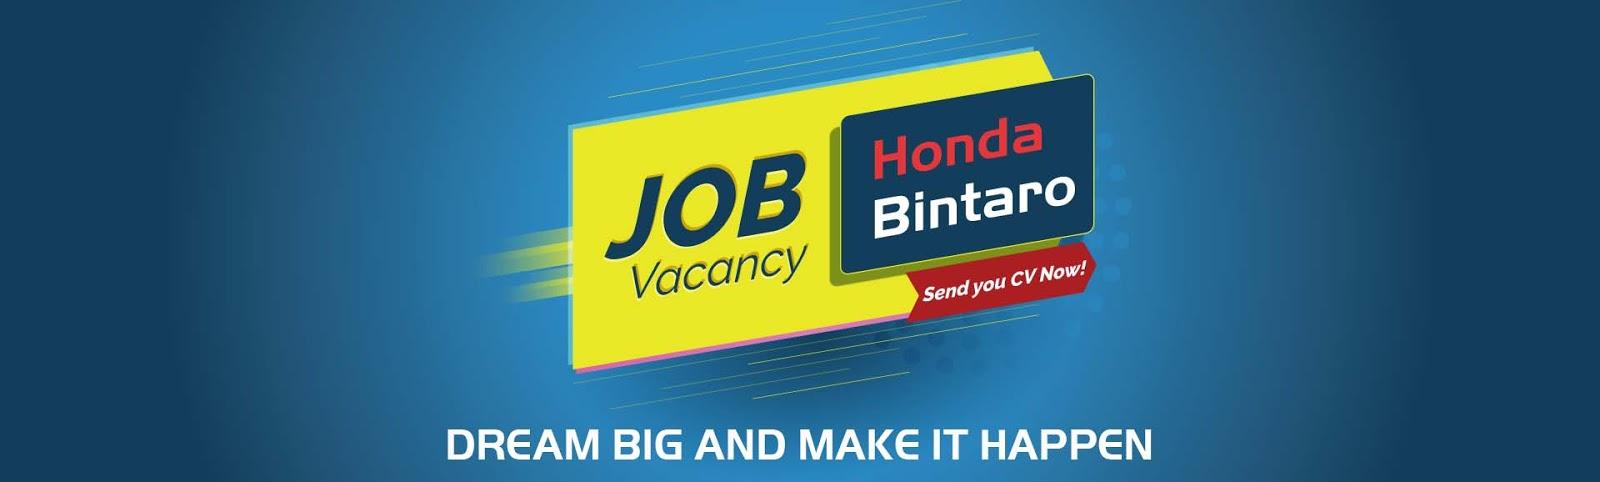 Honda Bintaro | Career